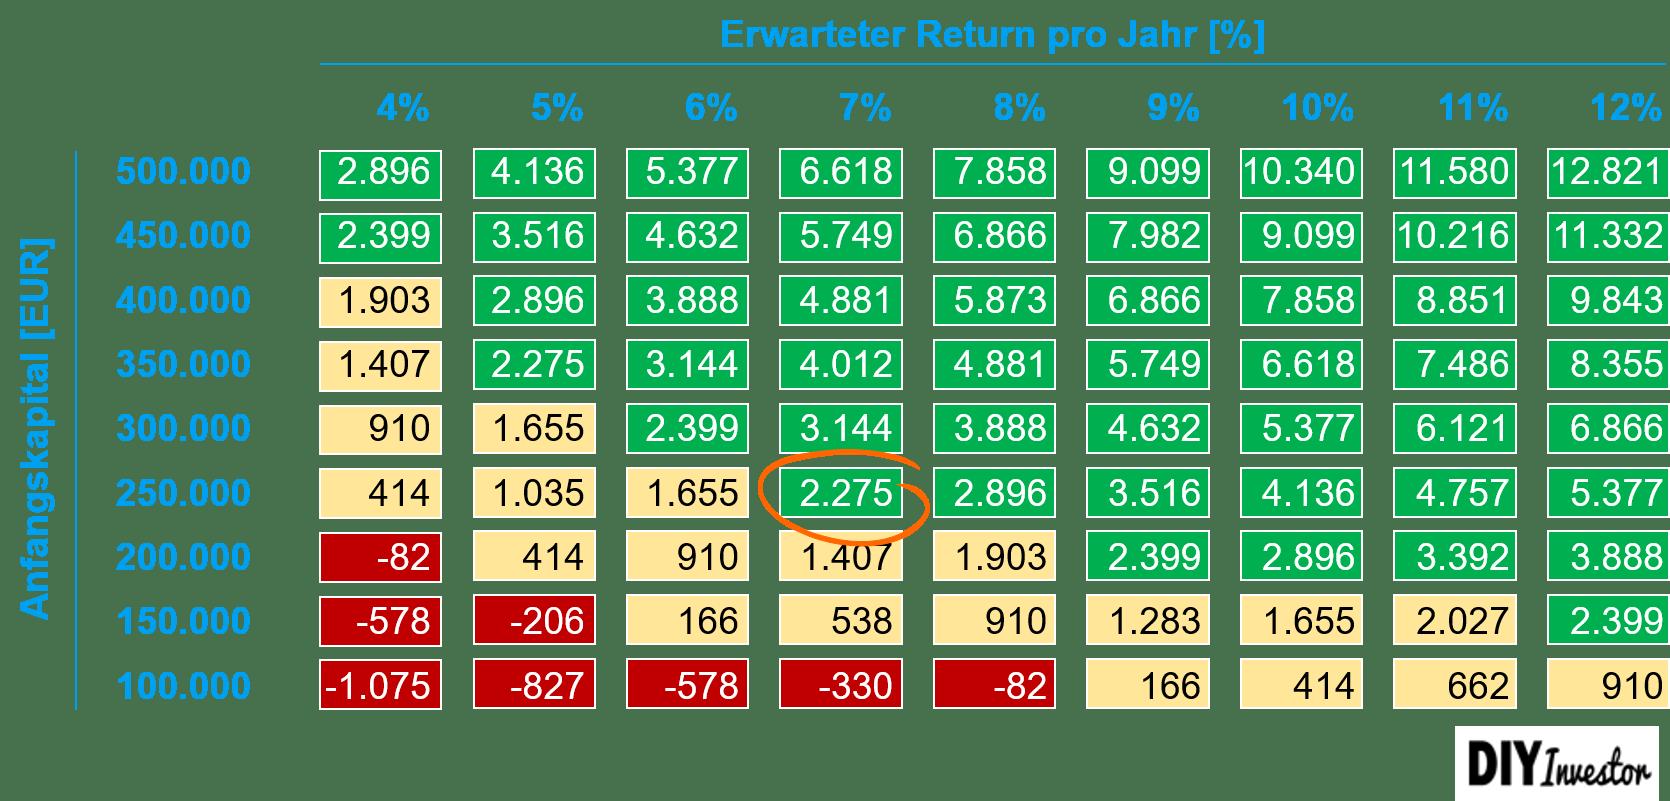 Abdeckung Strukturkosten vermögensverwaltende GmbH